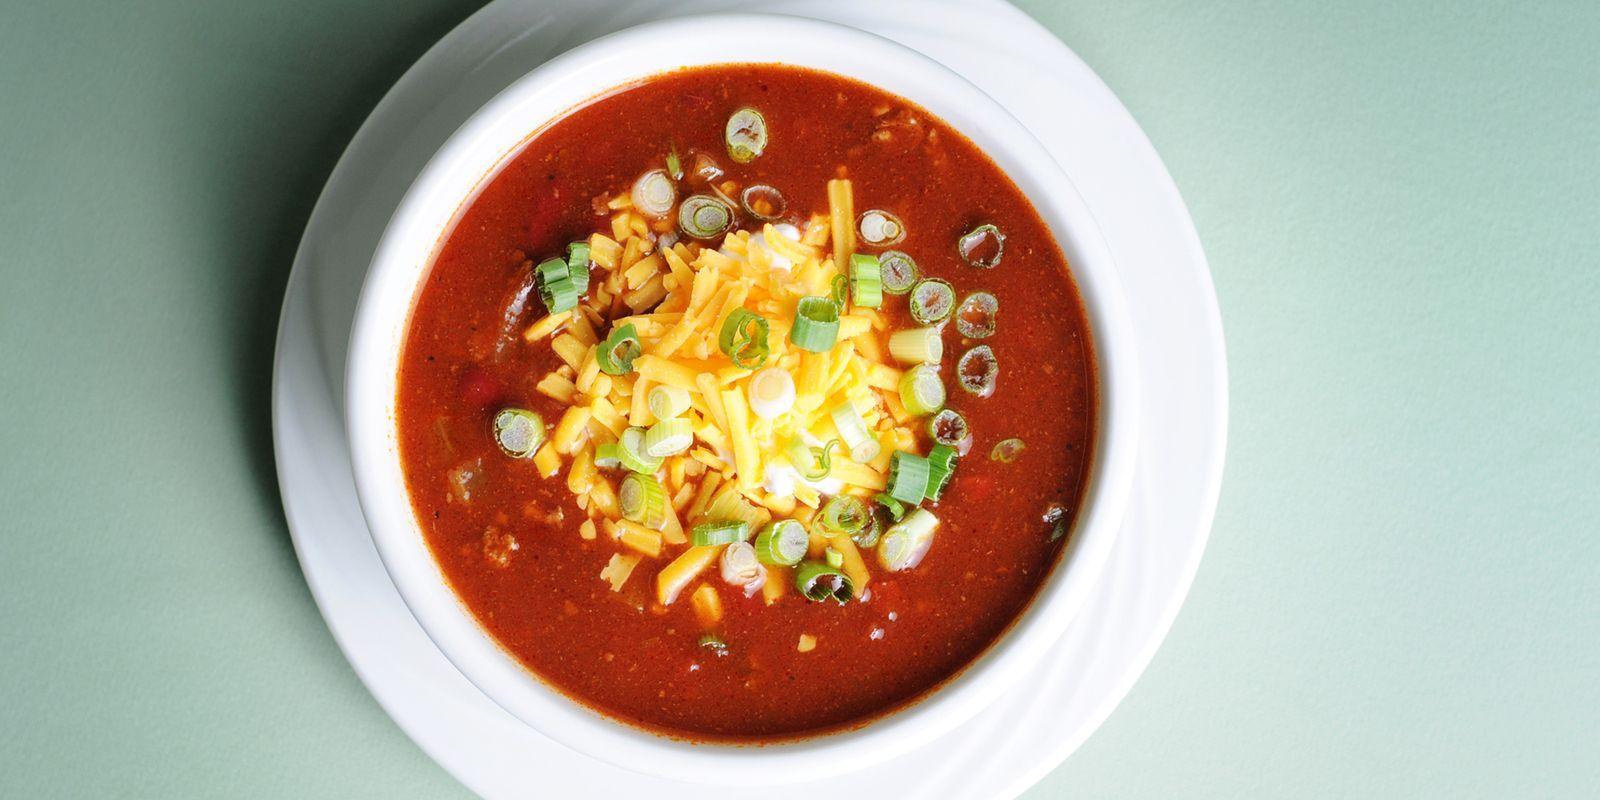 How To Make Award Winning Texas Chili Recipe Best Chili Recipe Texas Chili Award Winning Chili Recipe